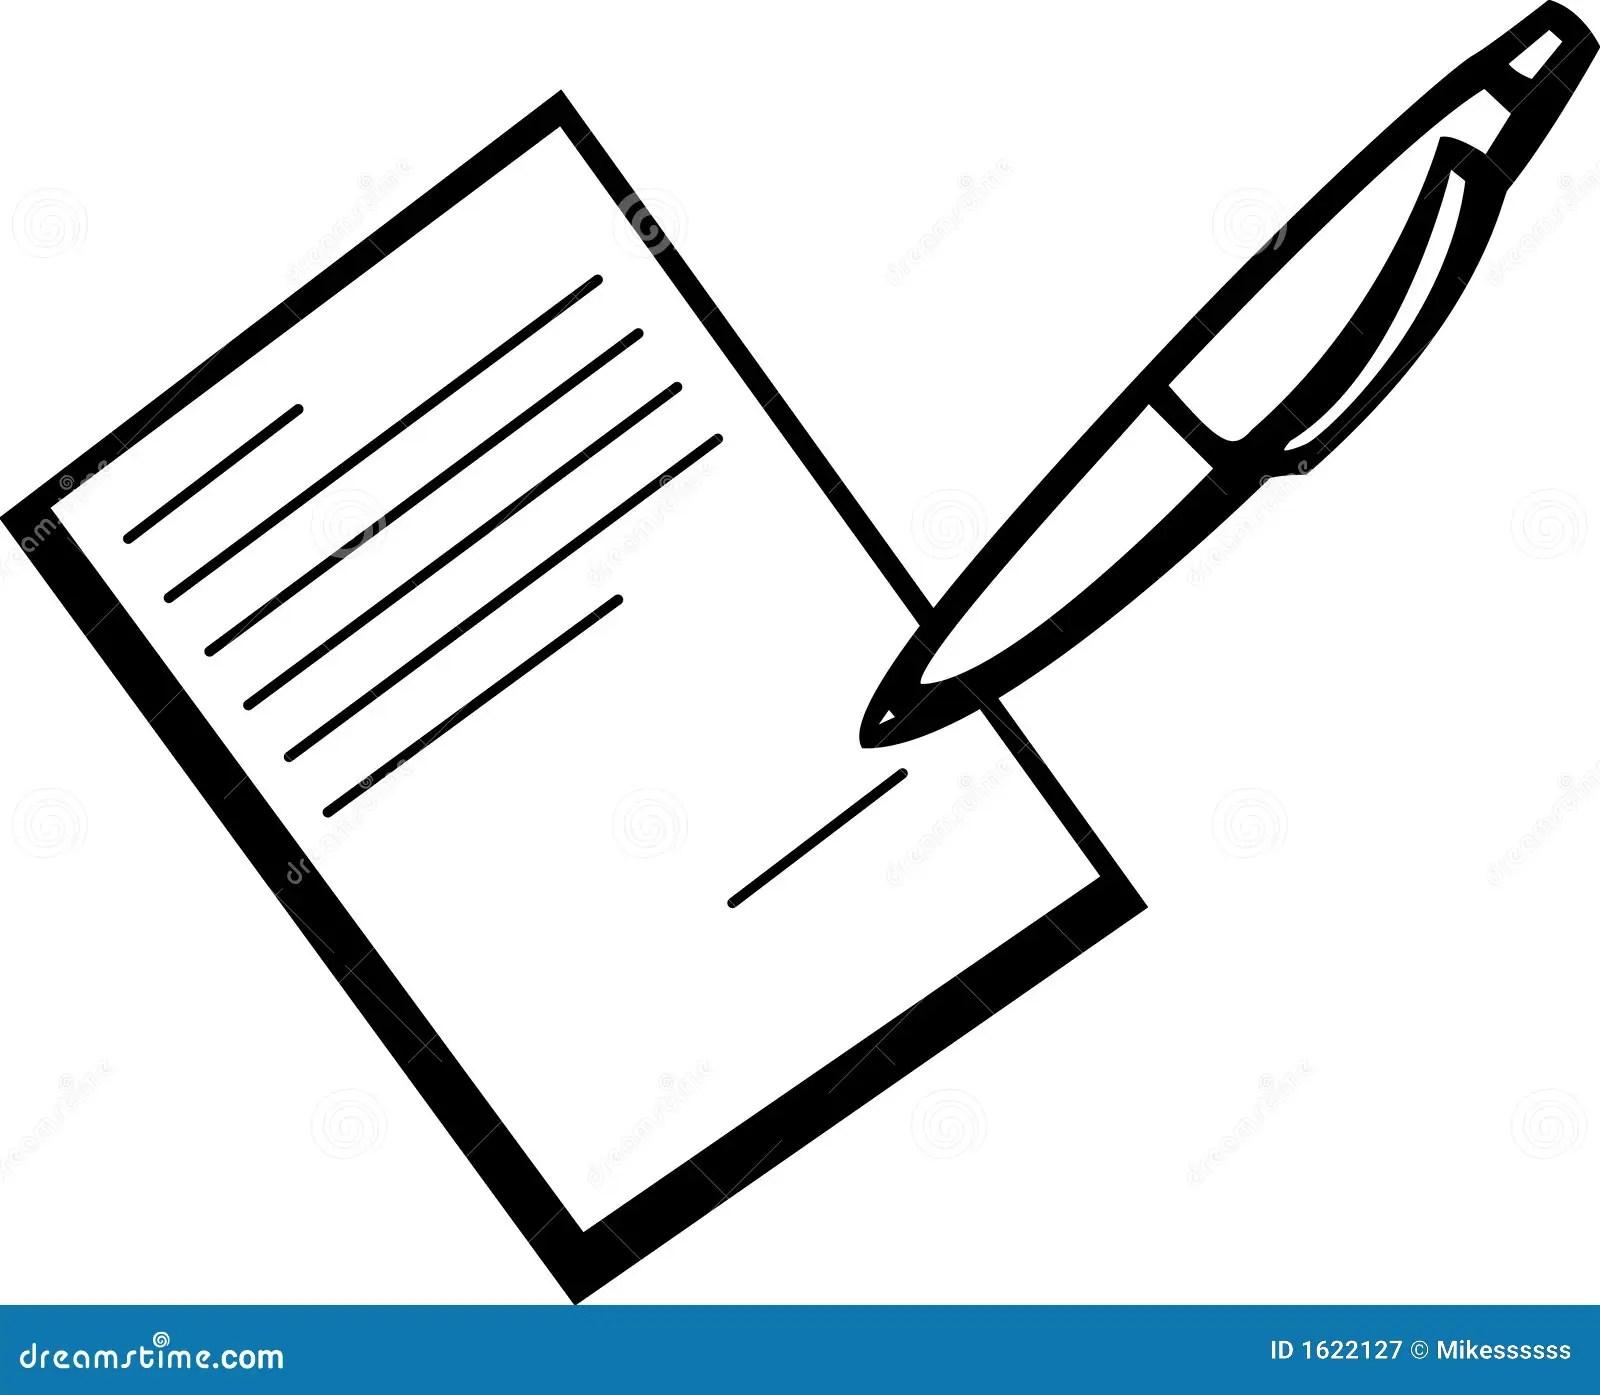 Assinando um contrato ilustração do vetor. Ilustração de